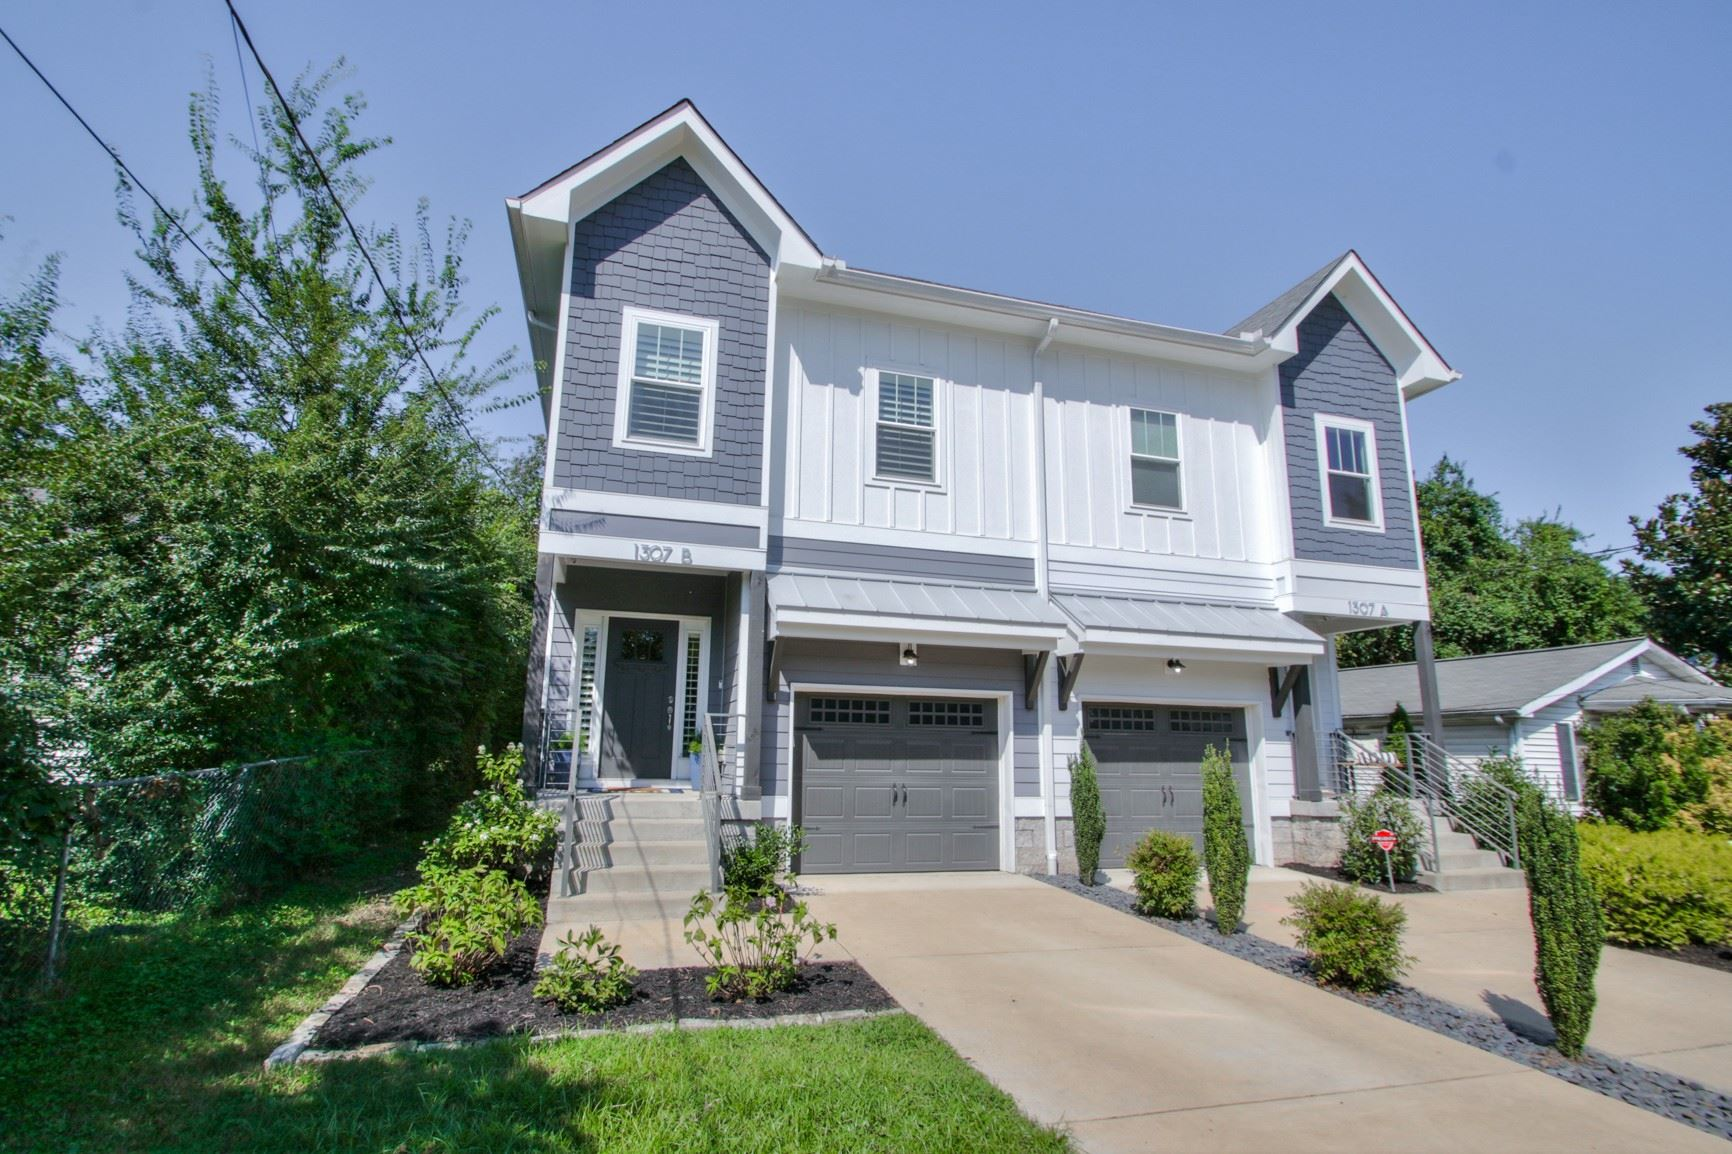 1307B Little Hamilton Ave, Nashville, TN 37203 - MLS#: 2187692